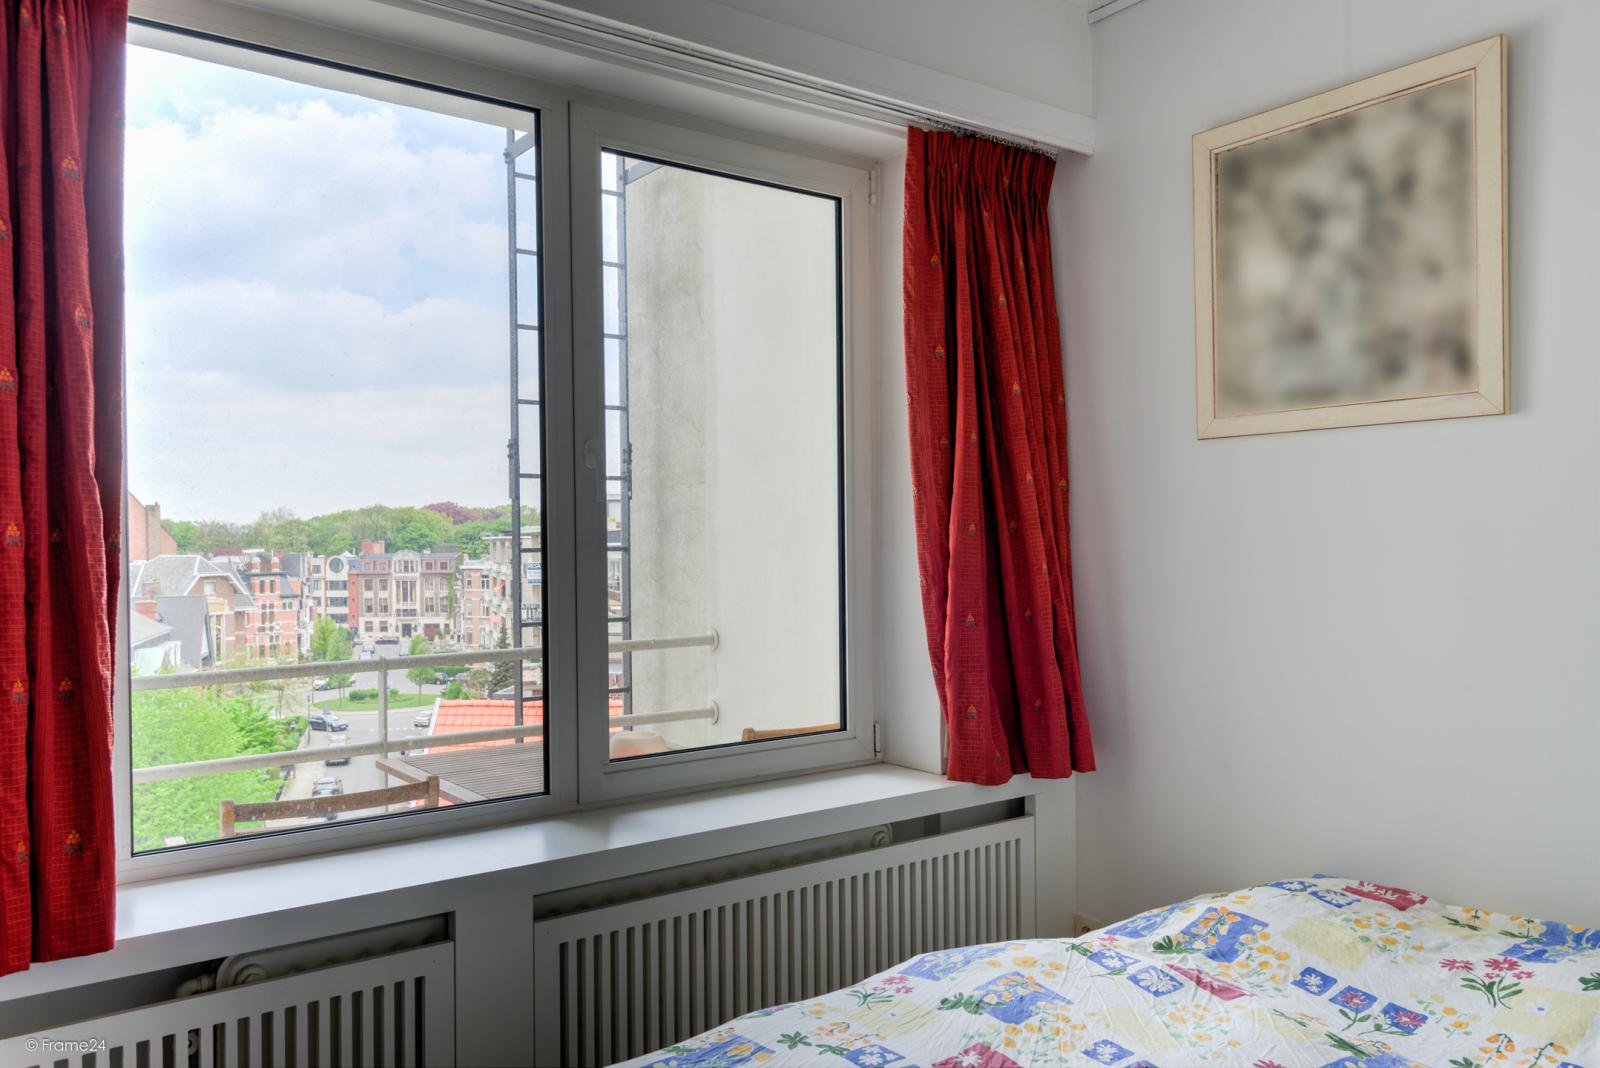 Uitzonderlijk appartement (+/- 250m²) met panoramische uitzichten te Antwerpen! afbeelding 26